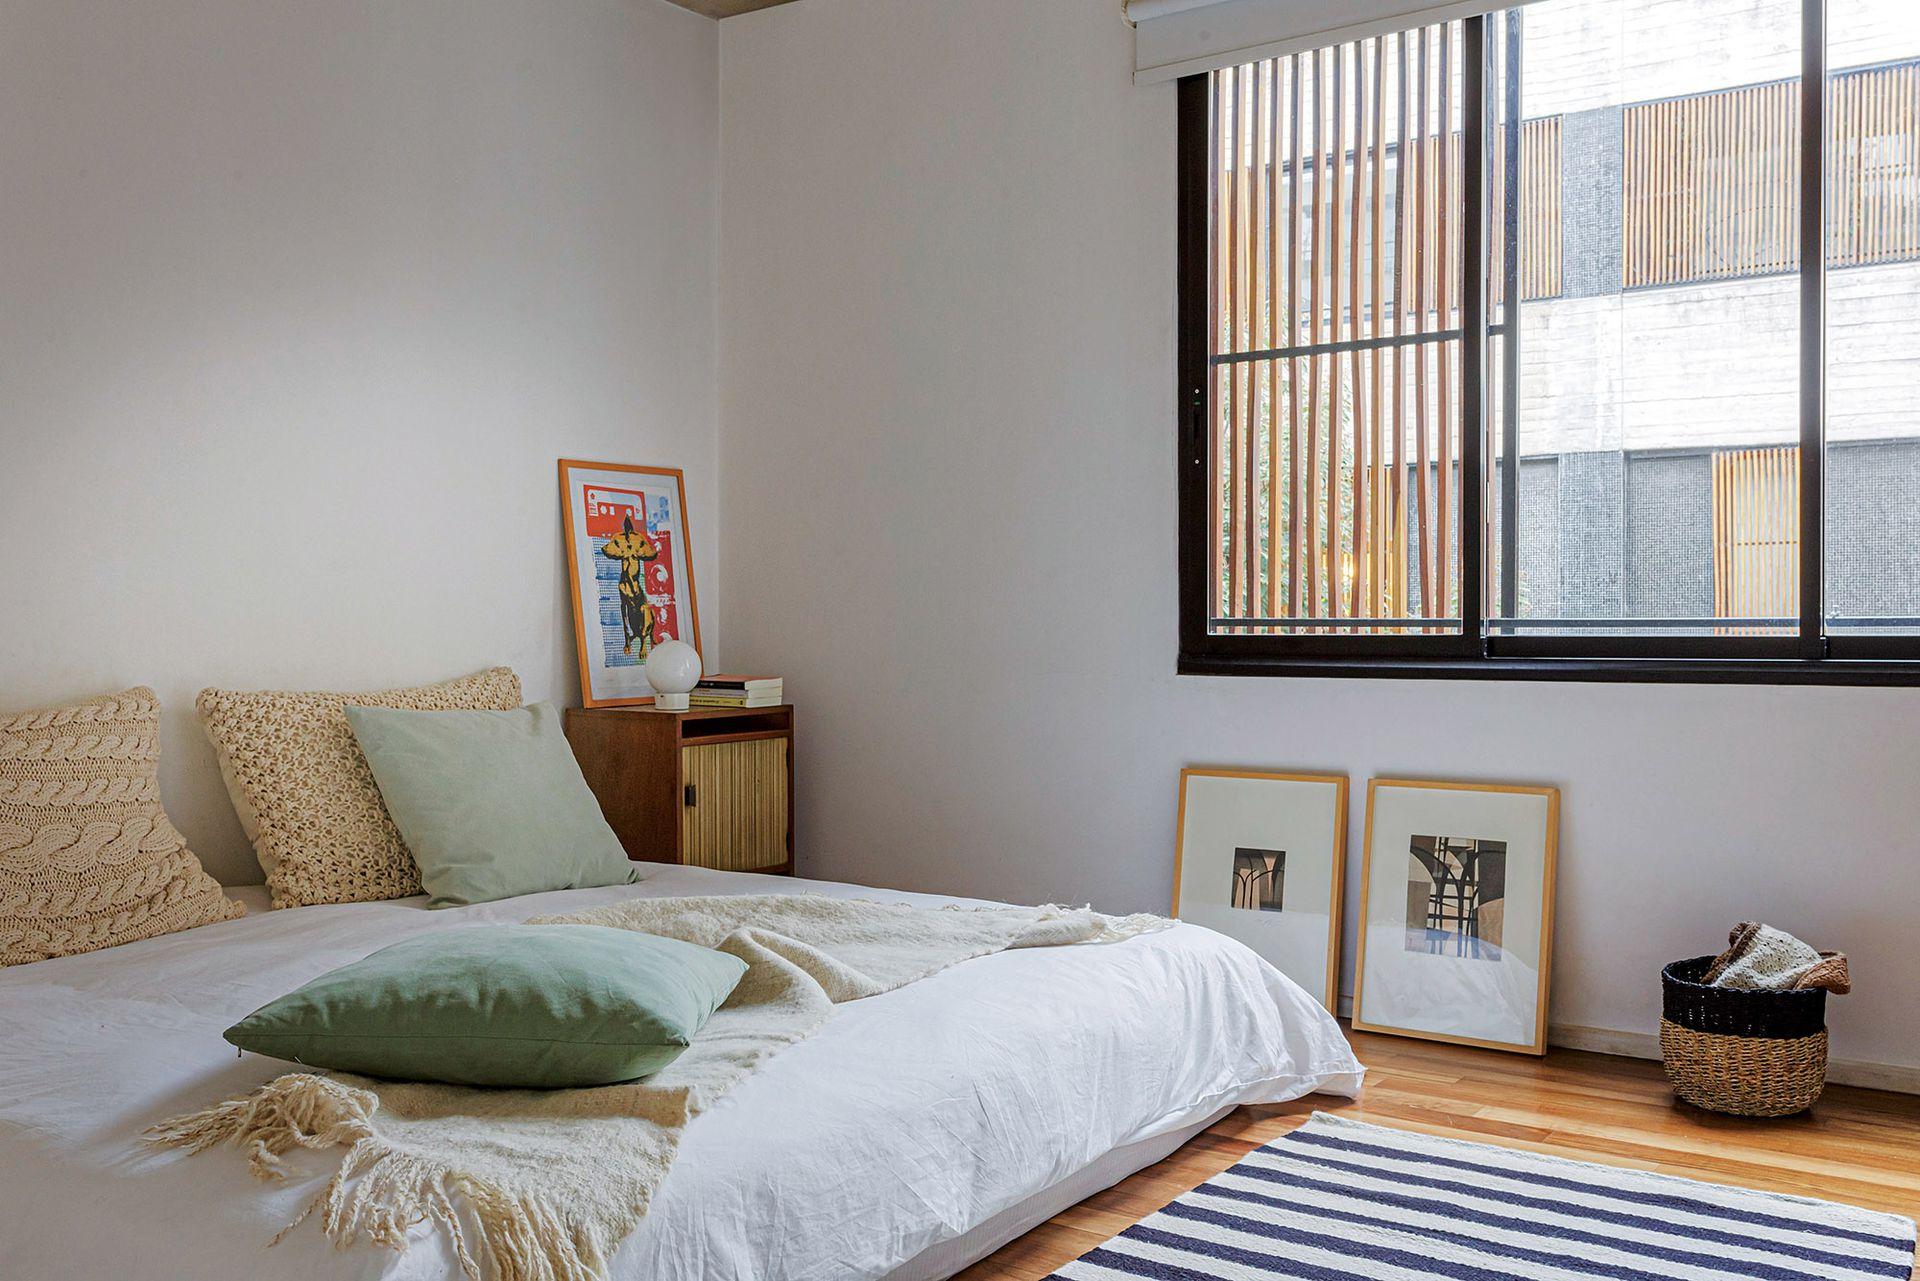 En el dormitorio principal, manta de lana sobre la cama, almohadones y alfombra a rayas blancas y negras (Elementos Argentinos). Los cuadros son del artista brasileño Sergio Fingermann, tío de Tamar.